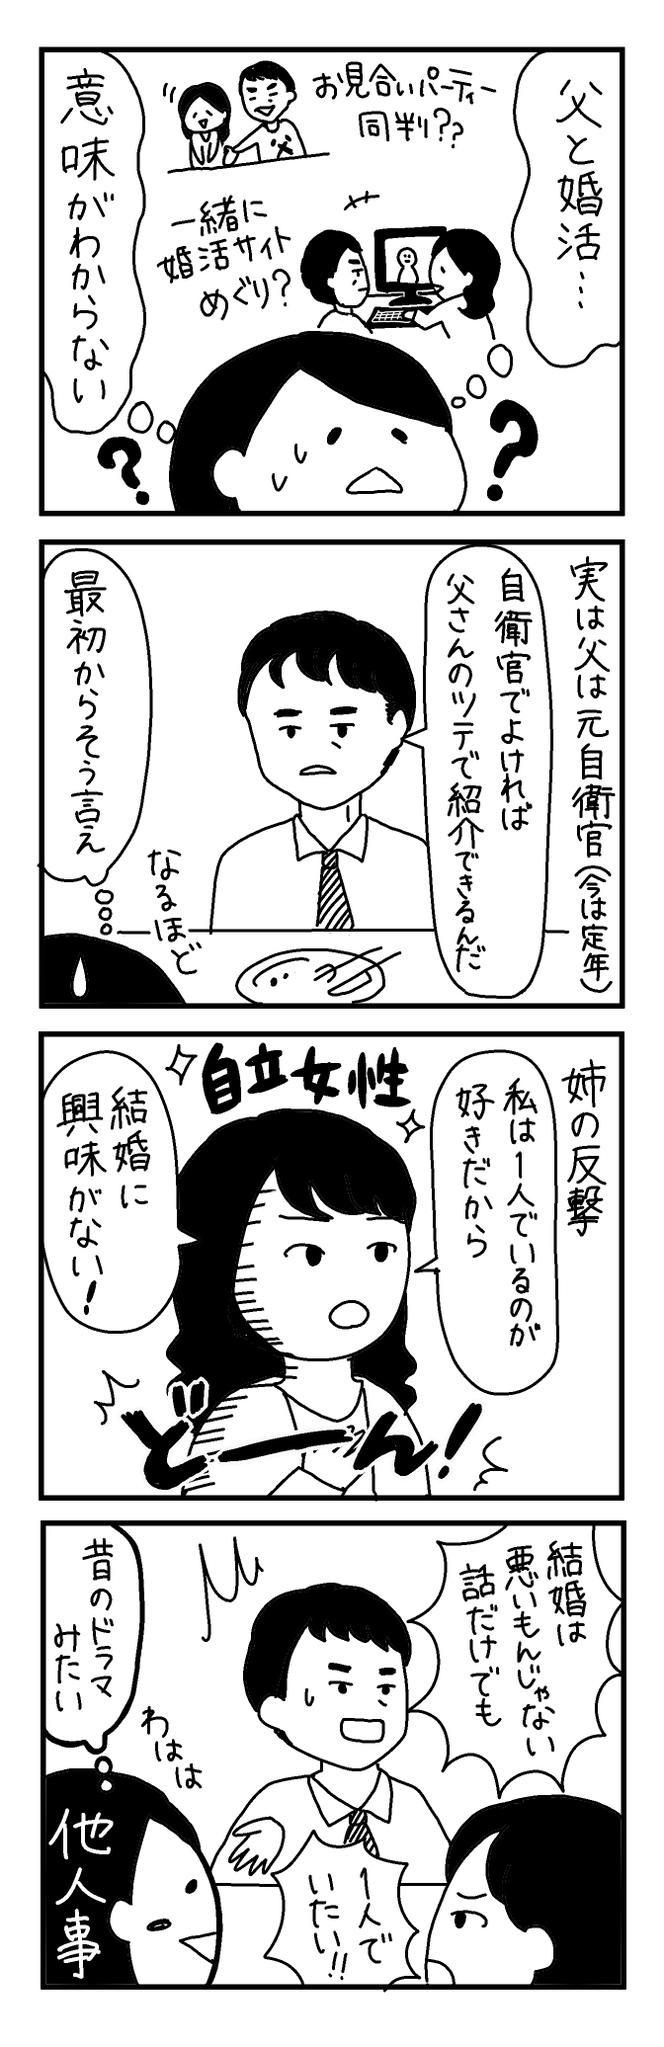 【4コマ漫画】第14回「ビクトリアな日々」作:ビクトリアブラディーヌ